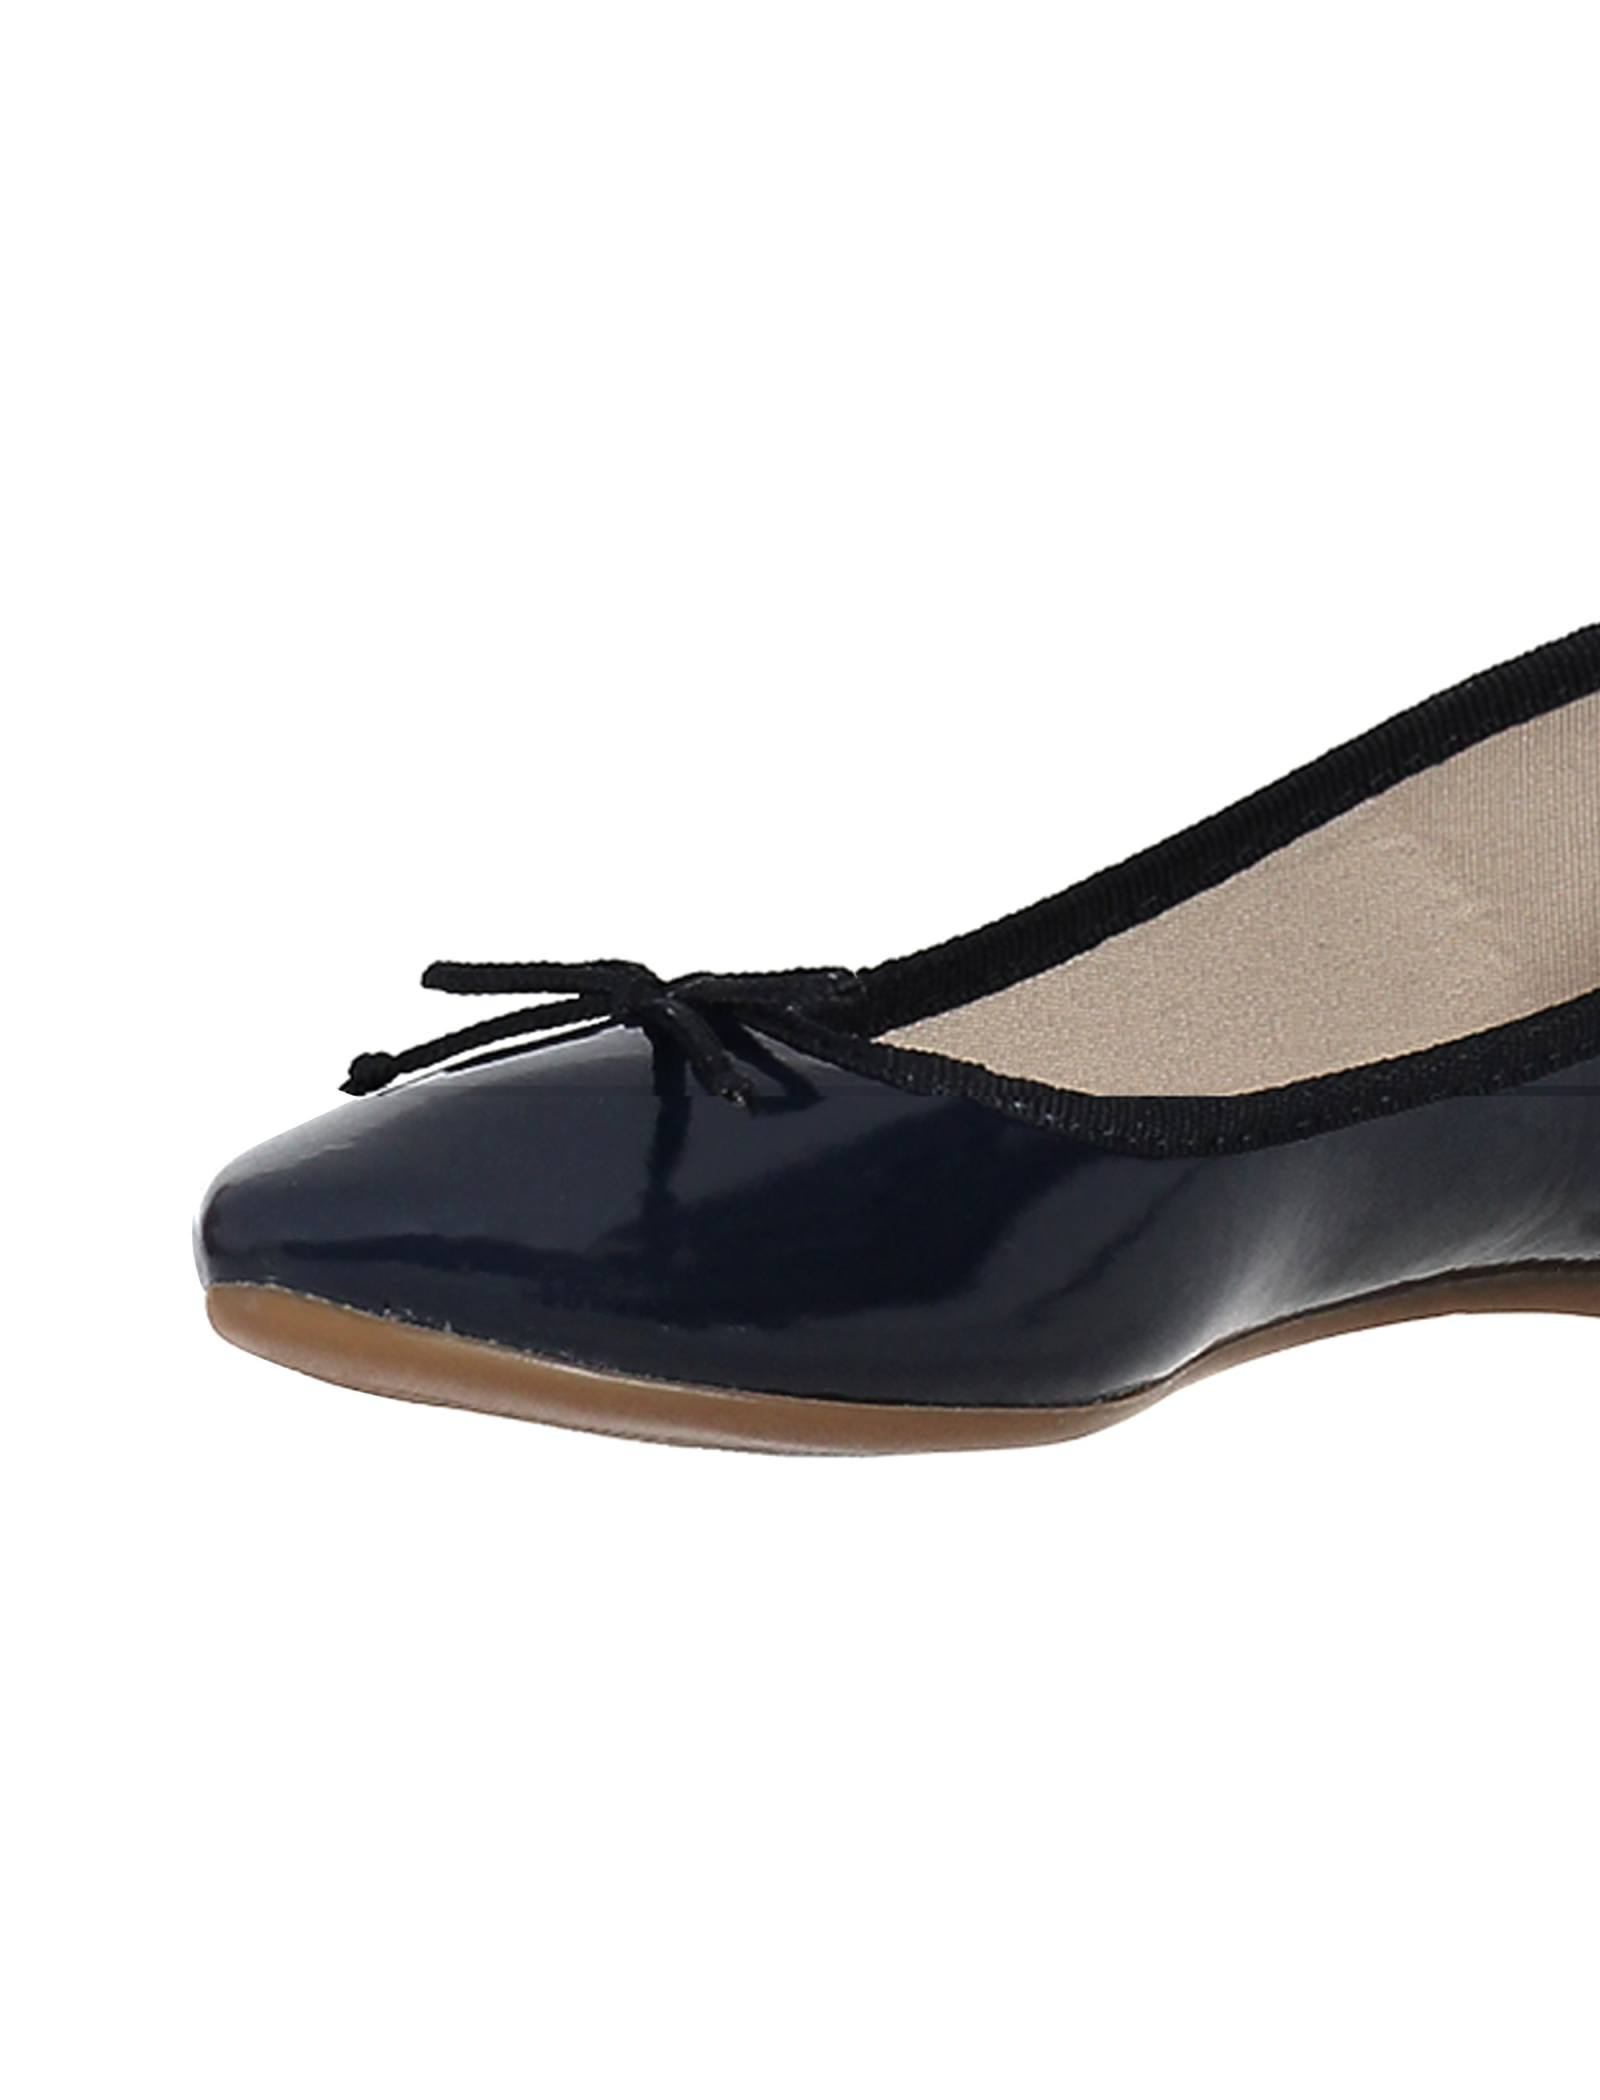 کفش تخت عروسکی زنانه - ال سی وایکیکی - سرمه اي - 6